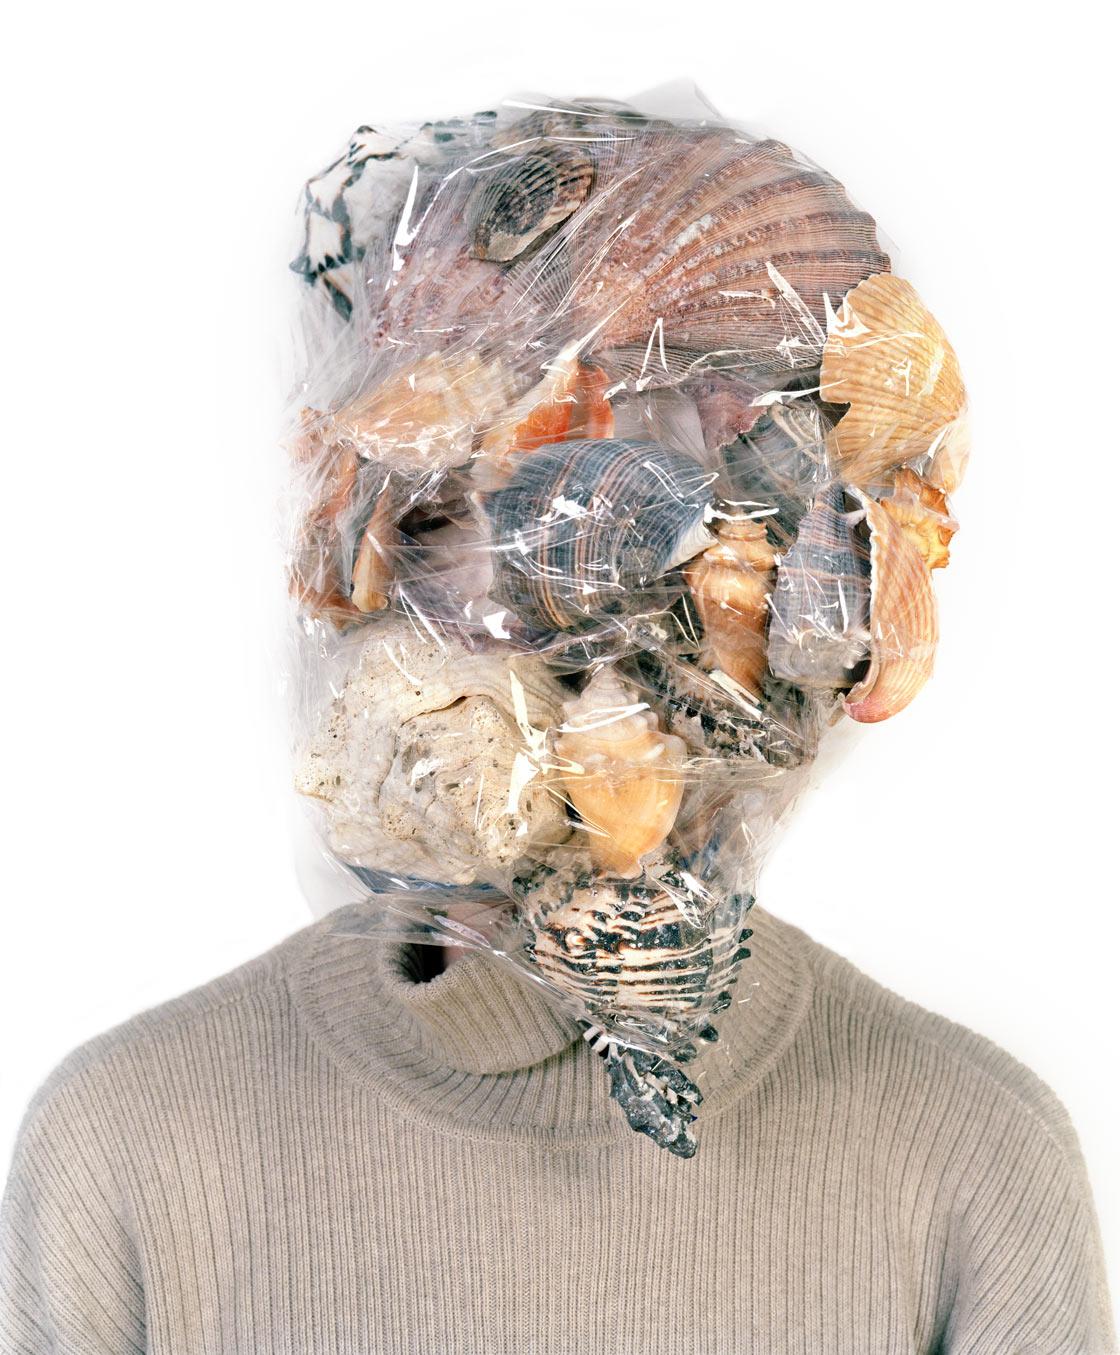 Untitled (seashells) 2006